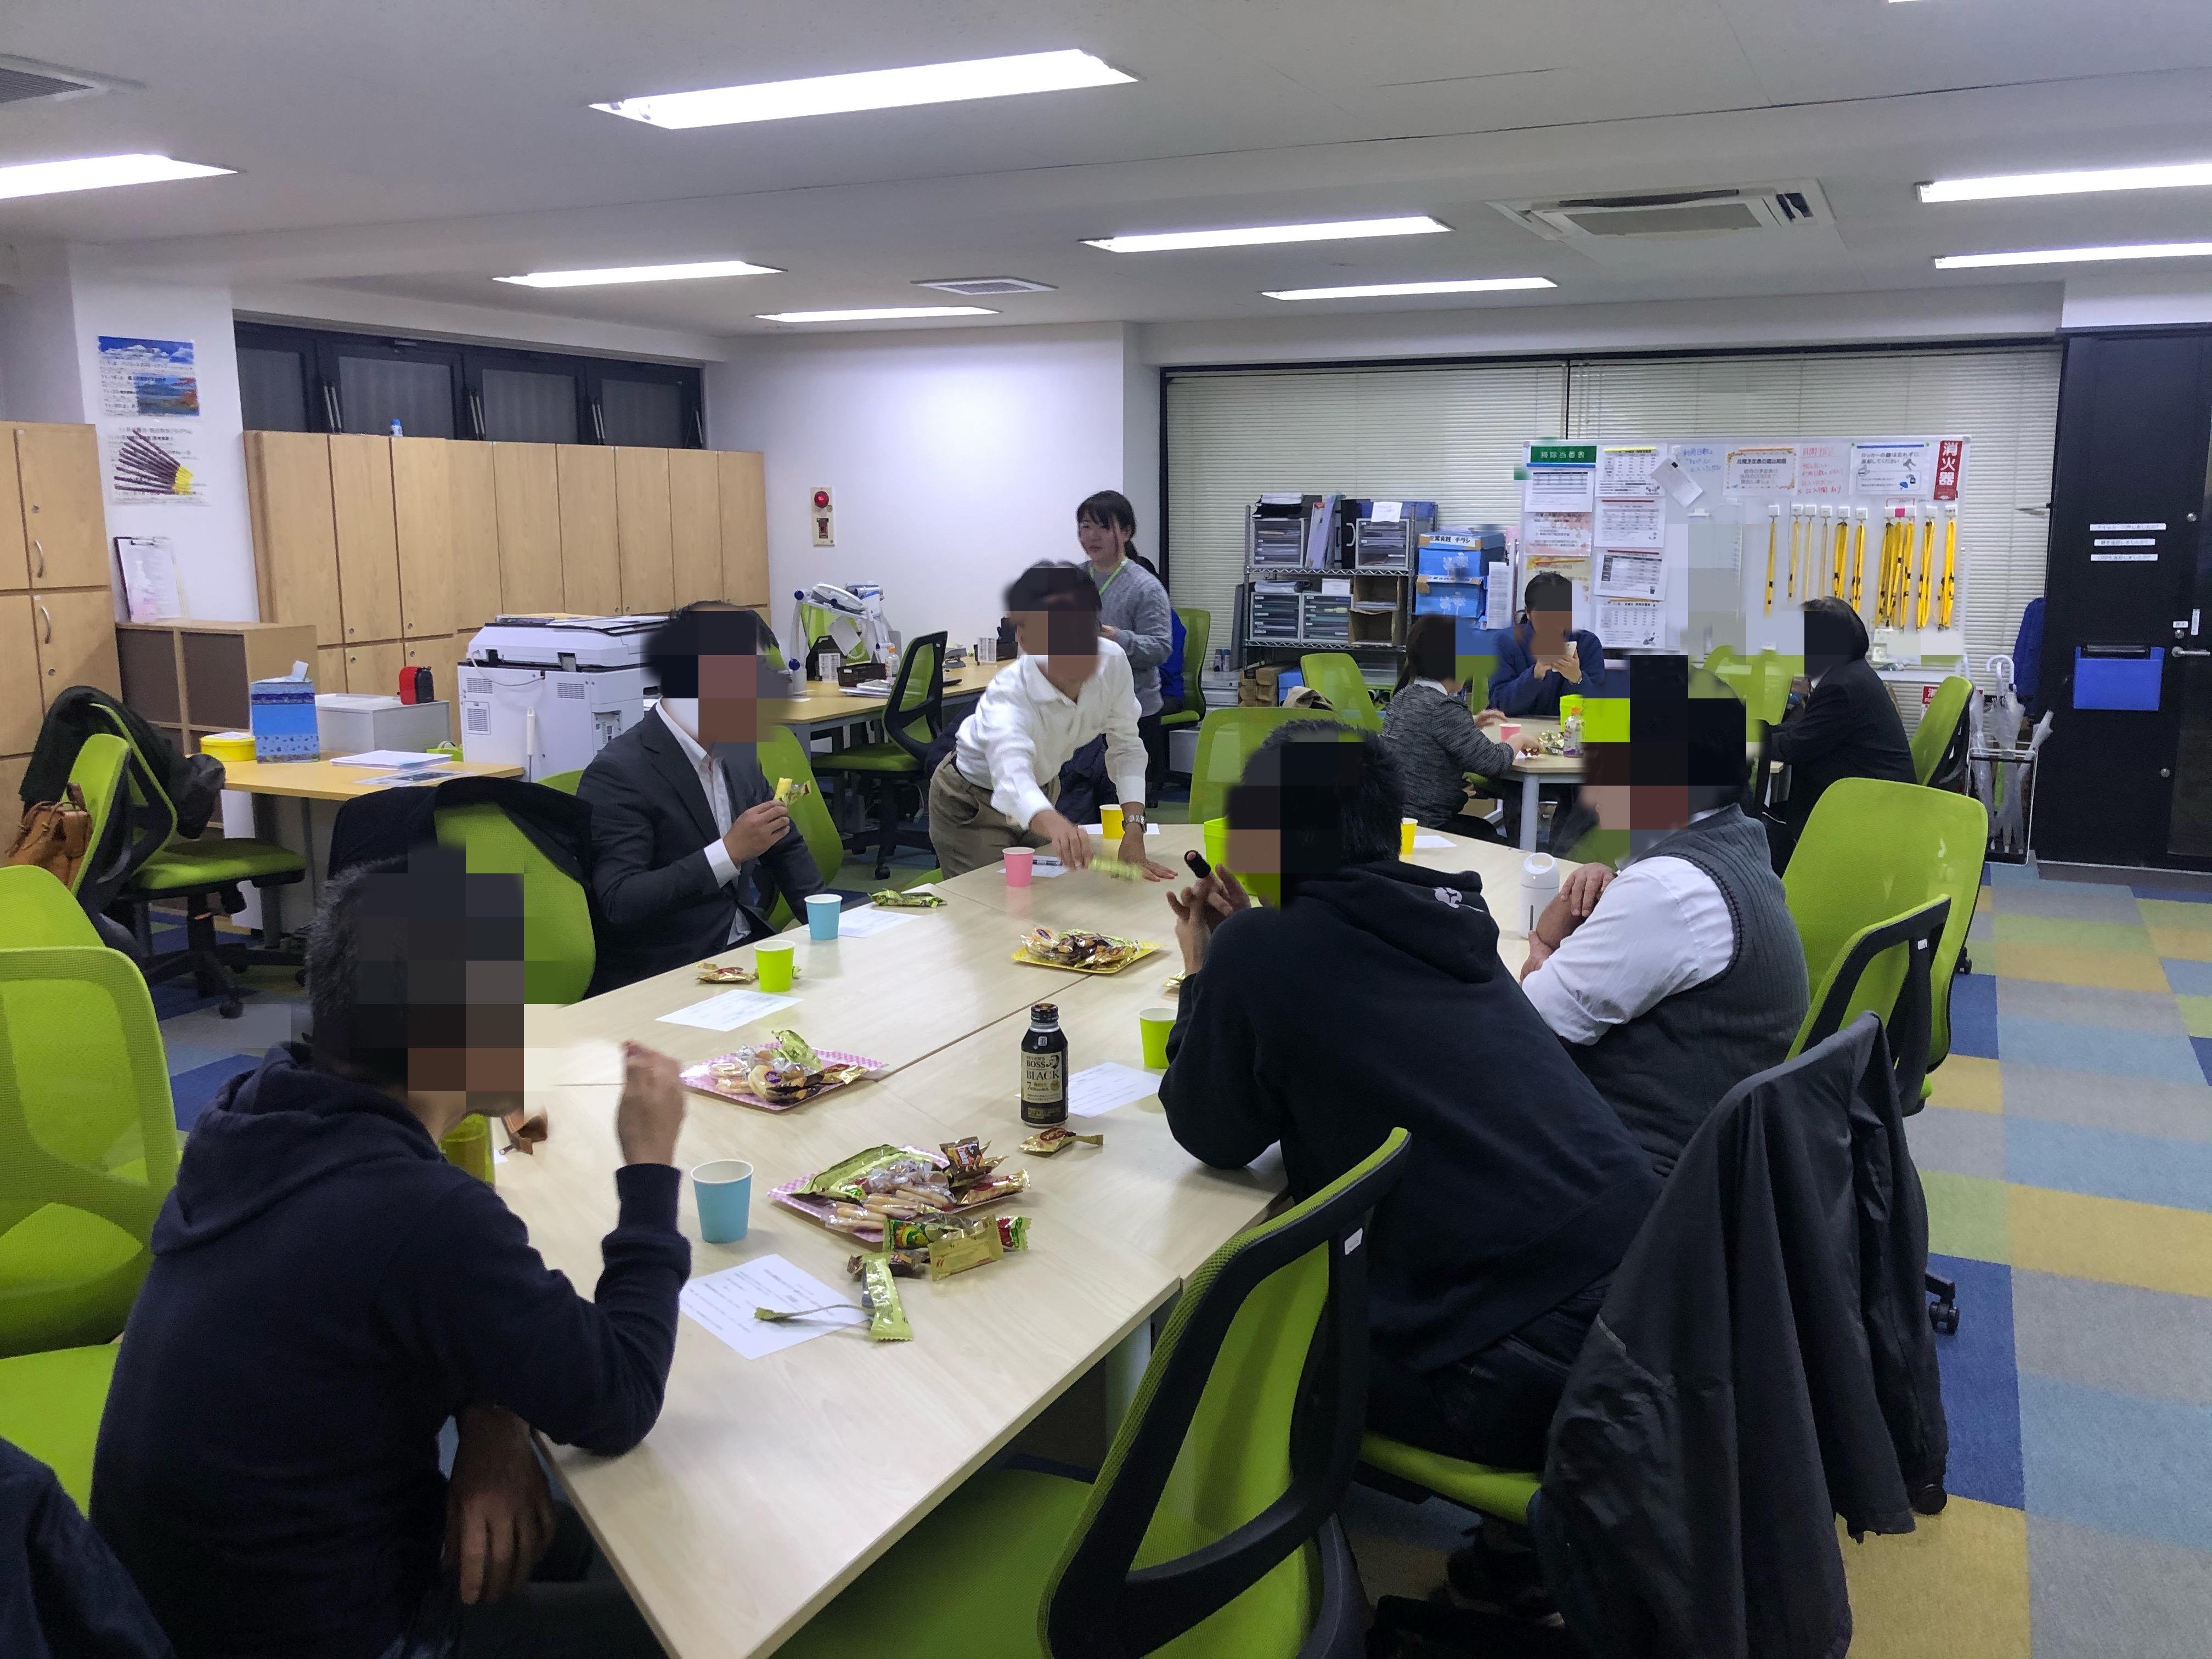 所沢プロペ通りセンター 航空公園駅前センター合同OBOG会